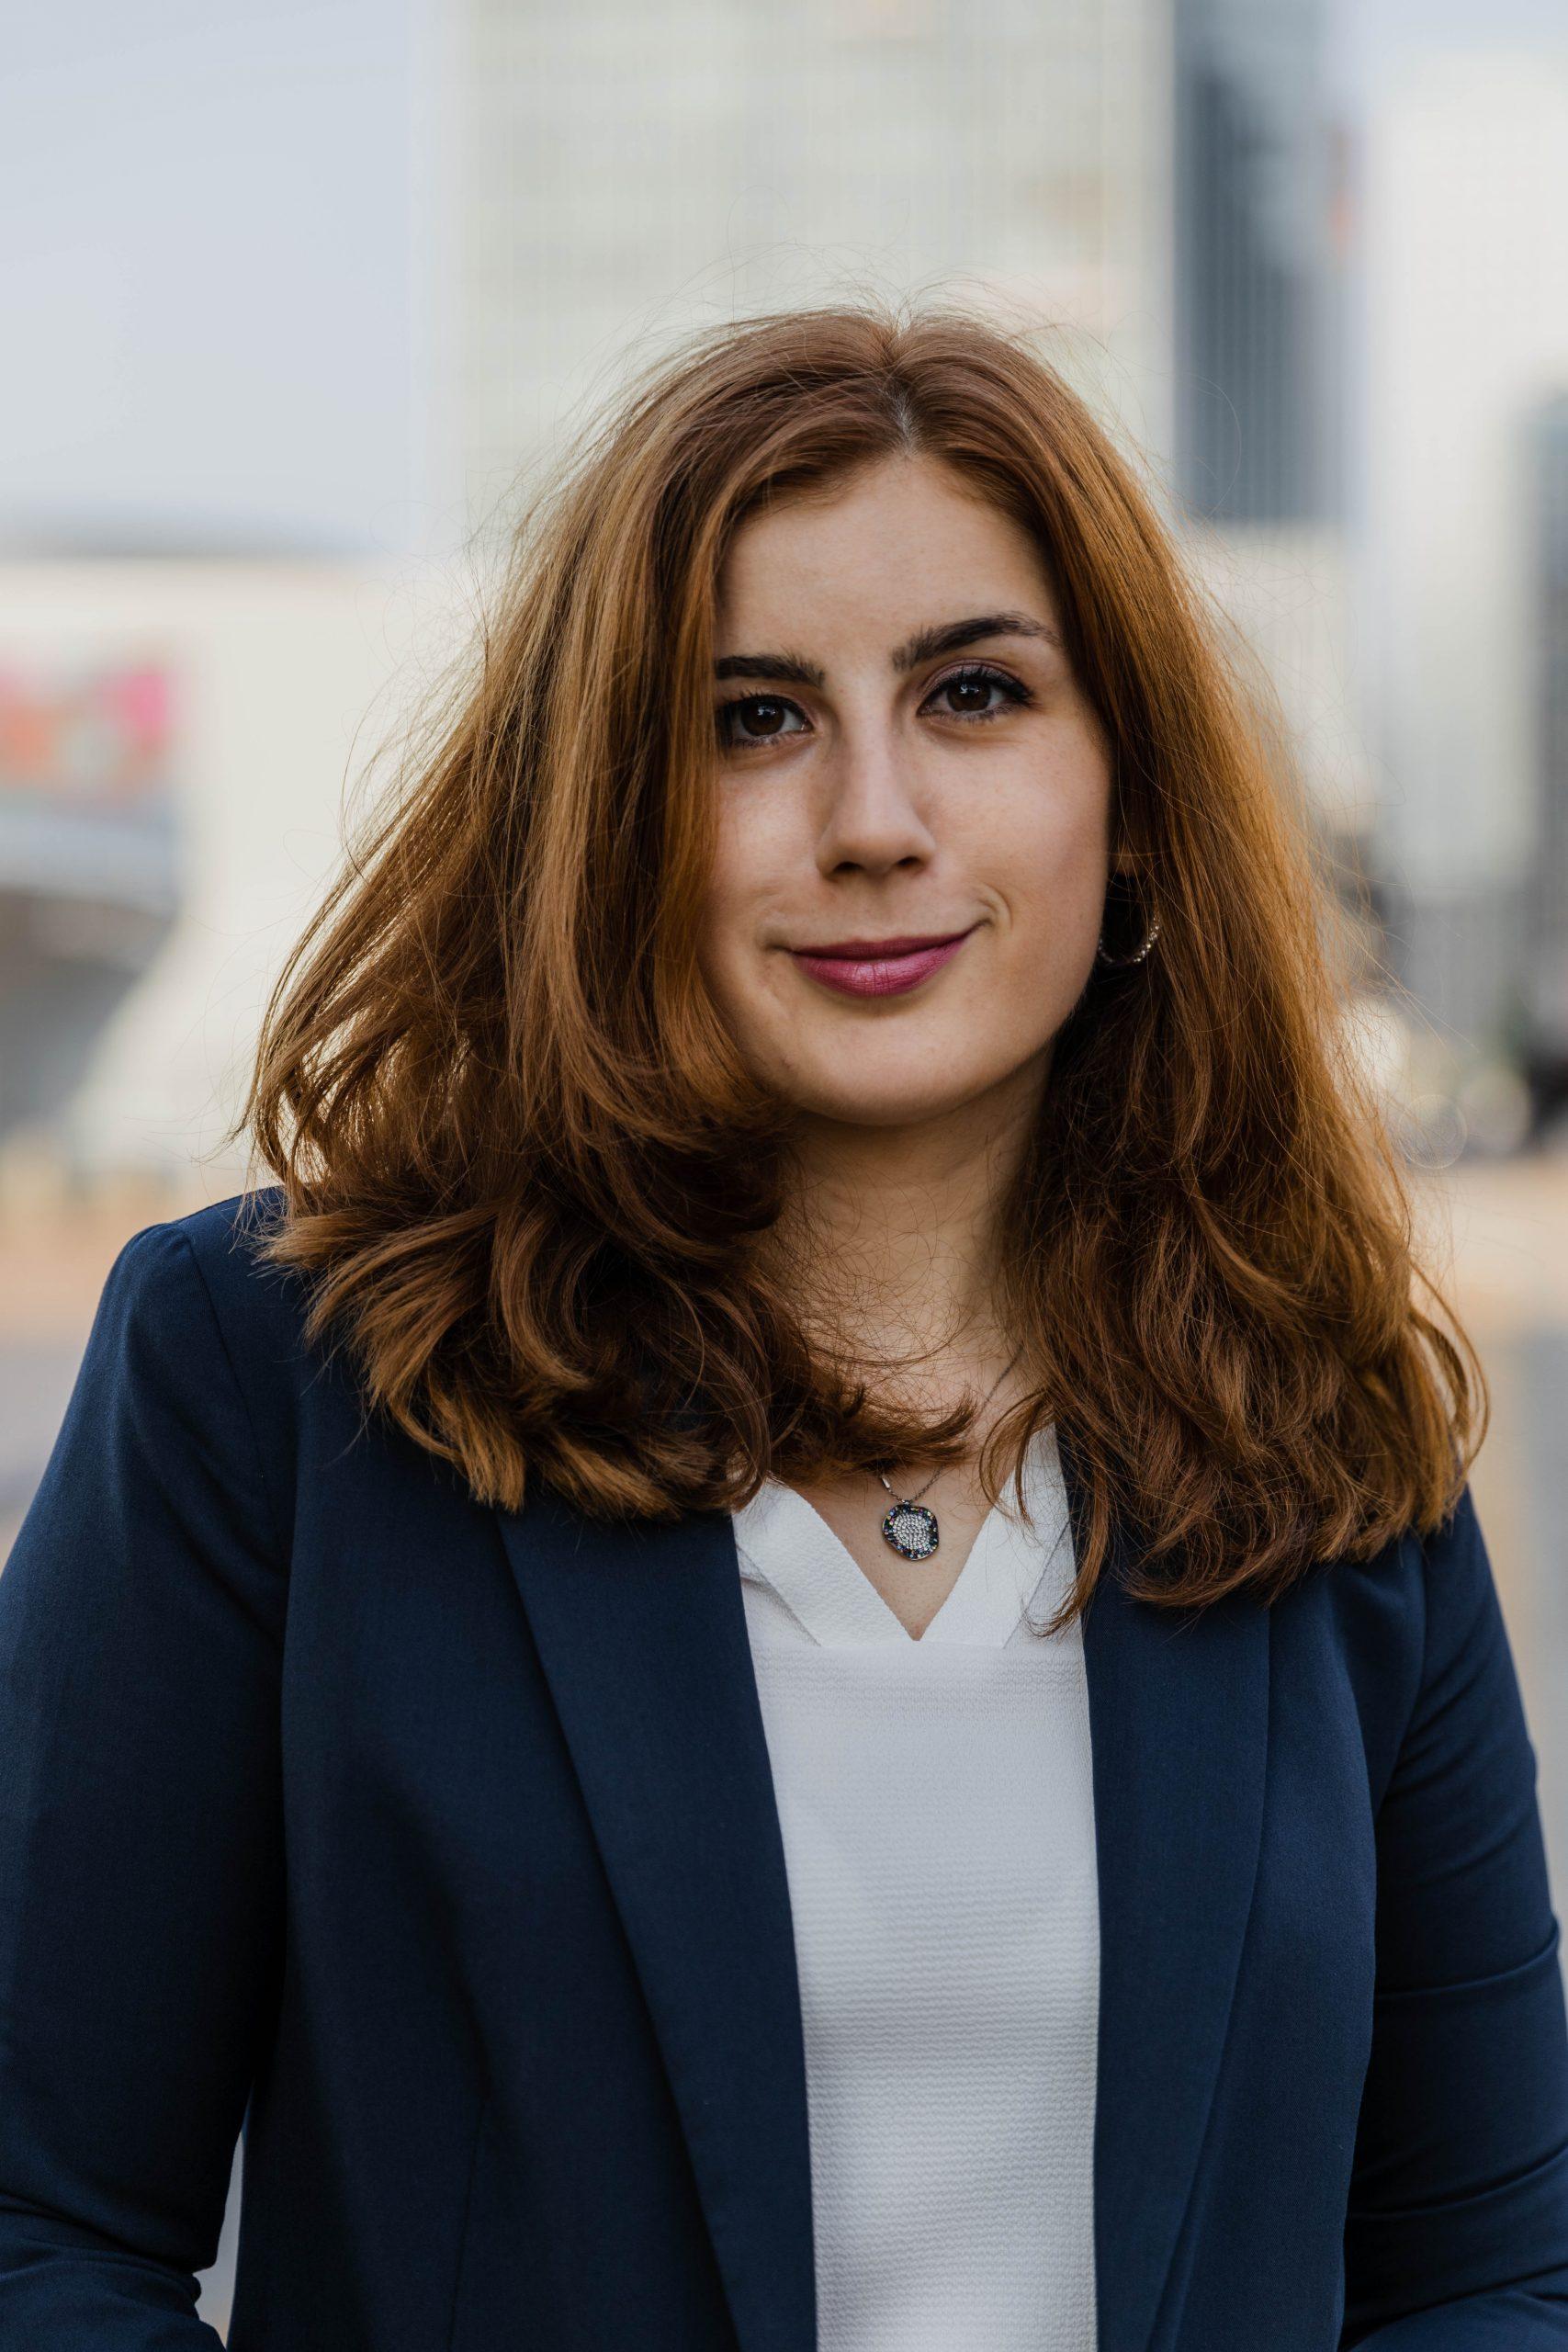 Andreea Dedea